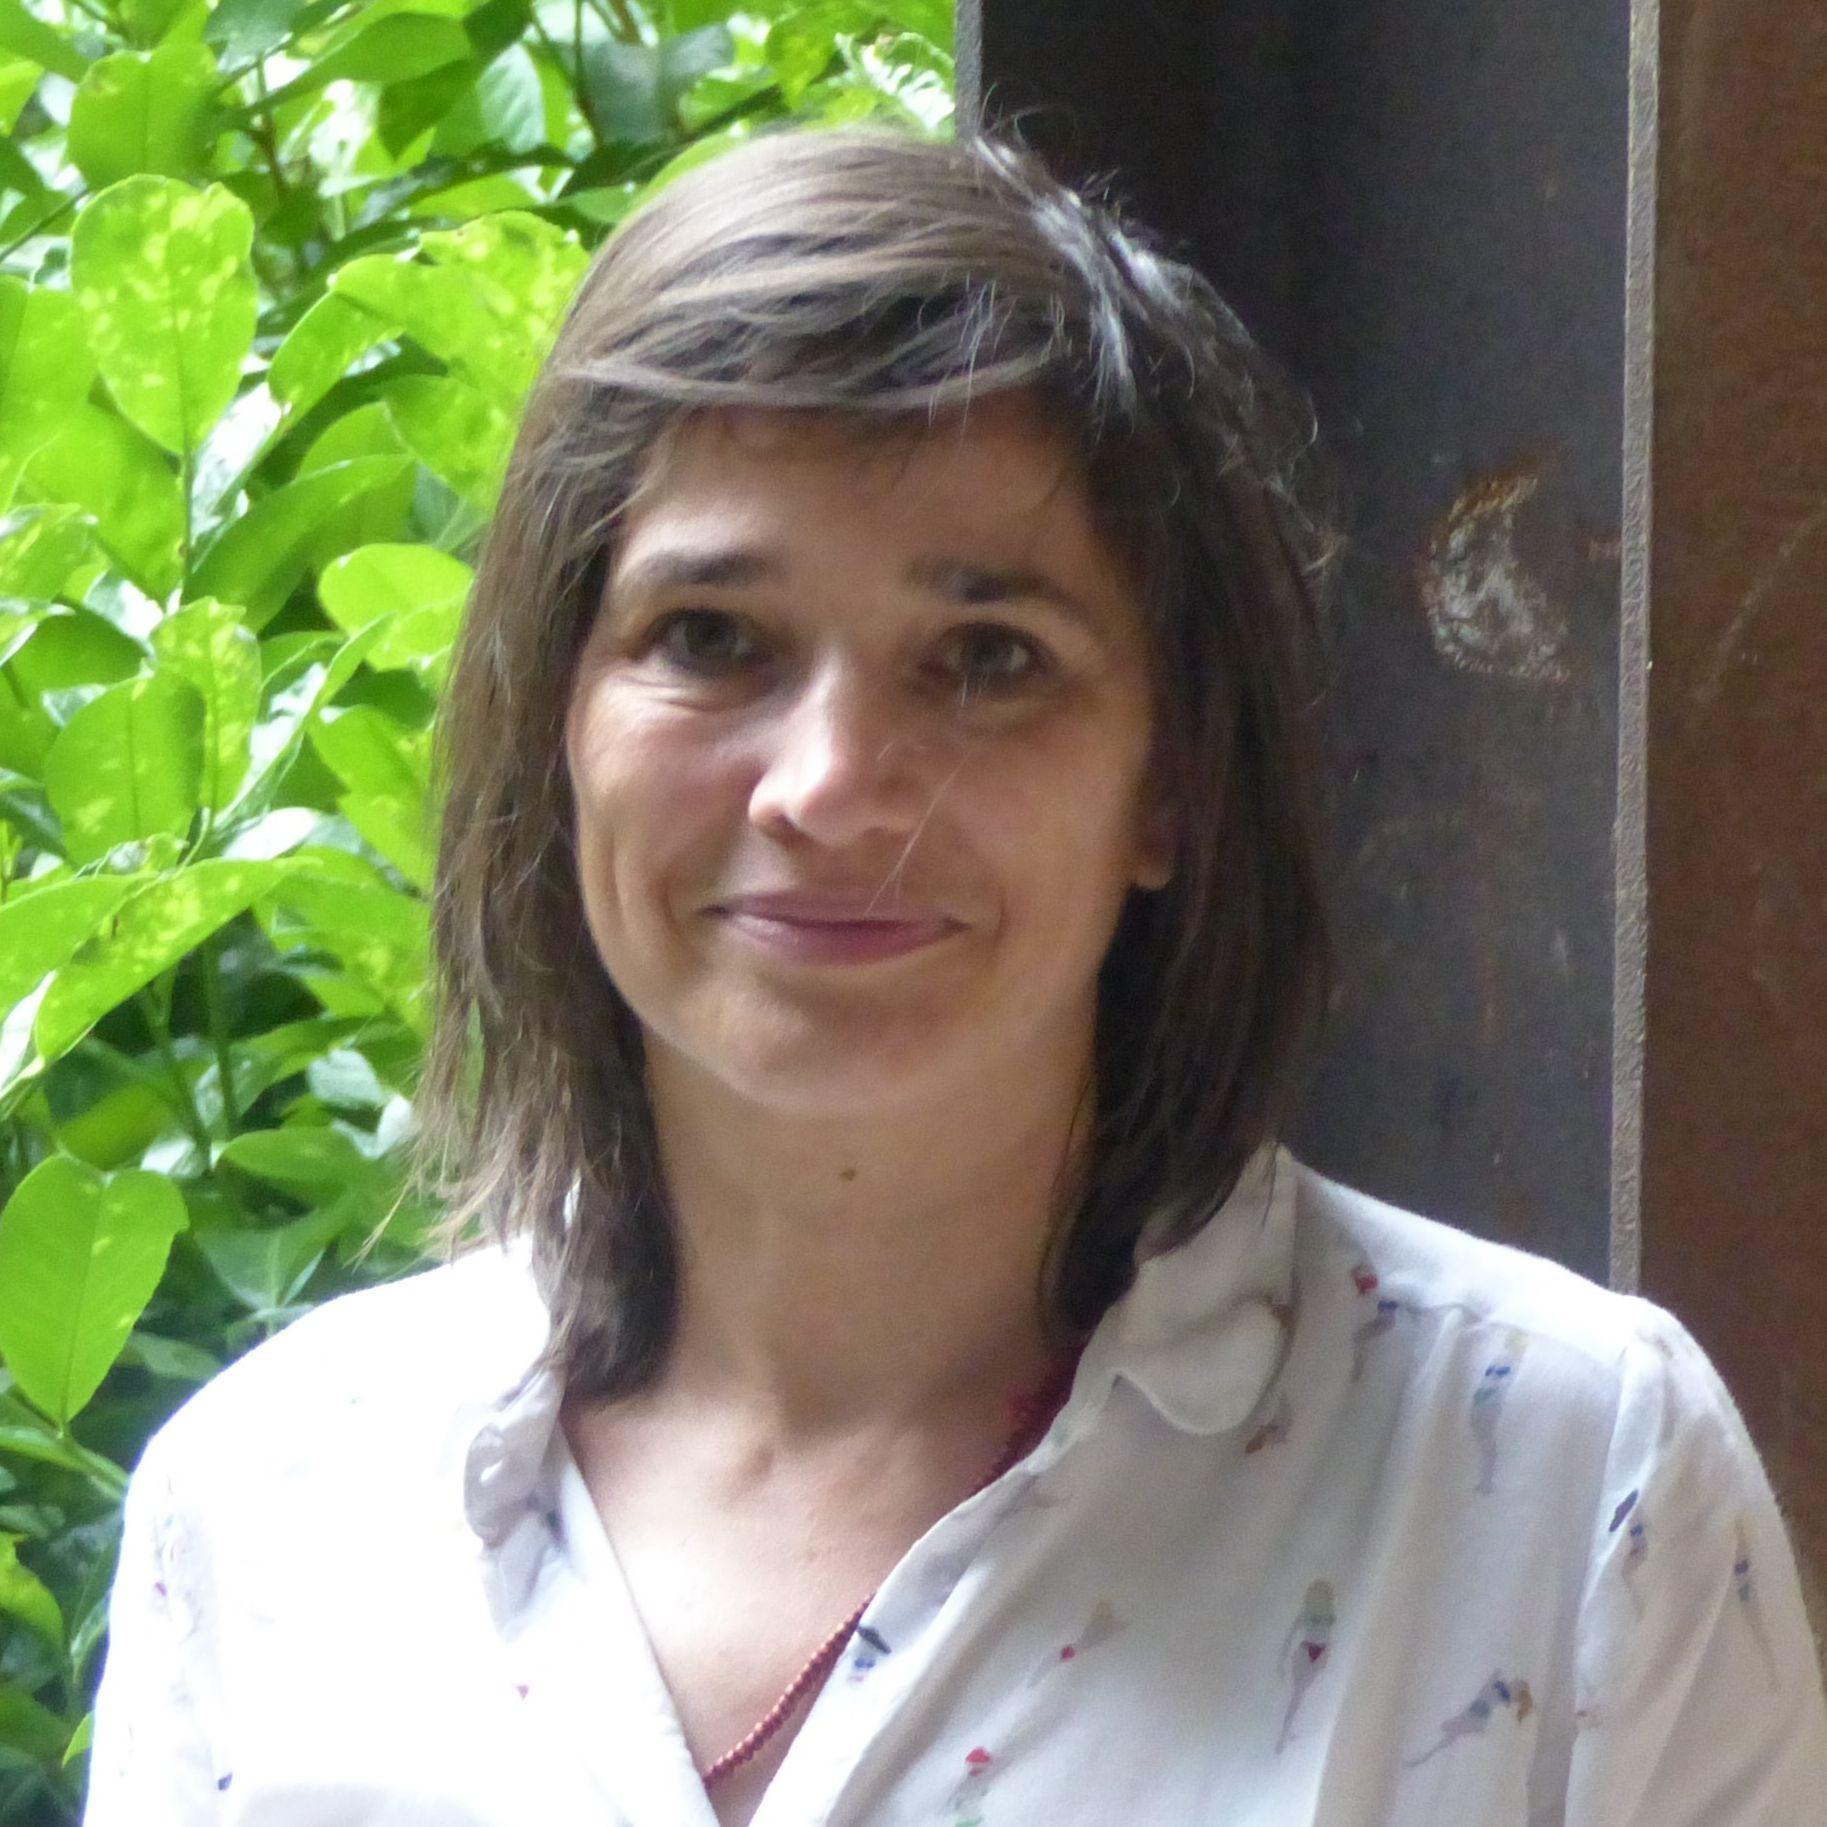 Virginie Gourmel , Réalisatrice Belge , nous parle de son 1er long métrage : CAVALE